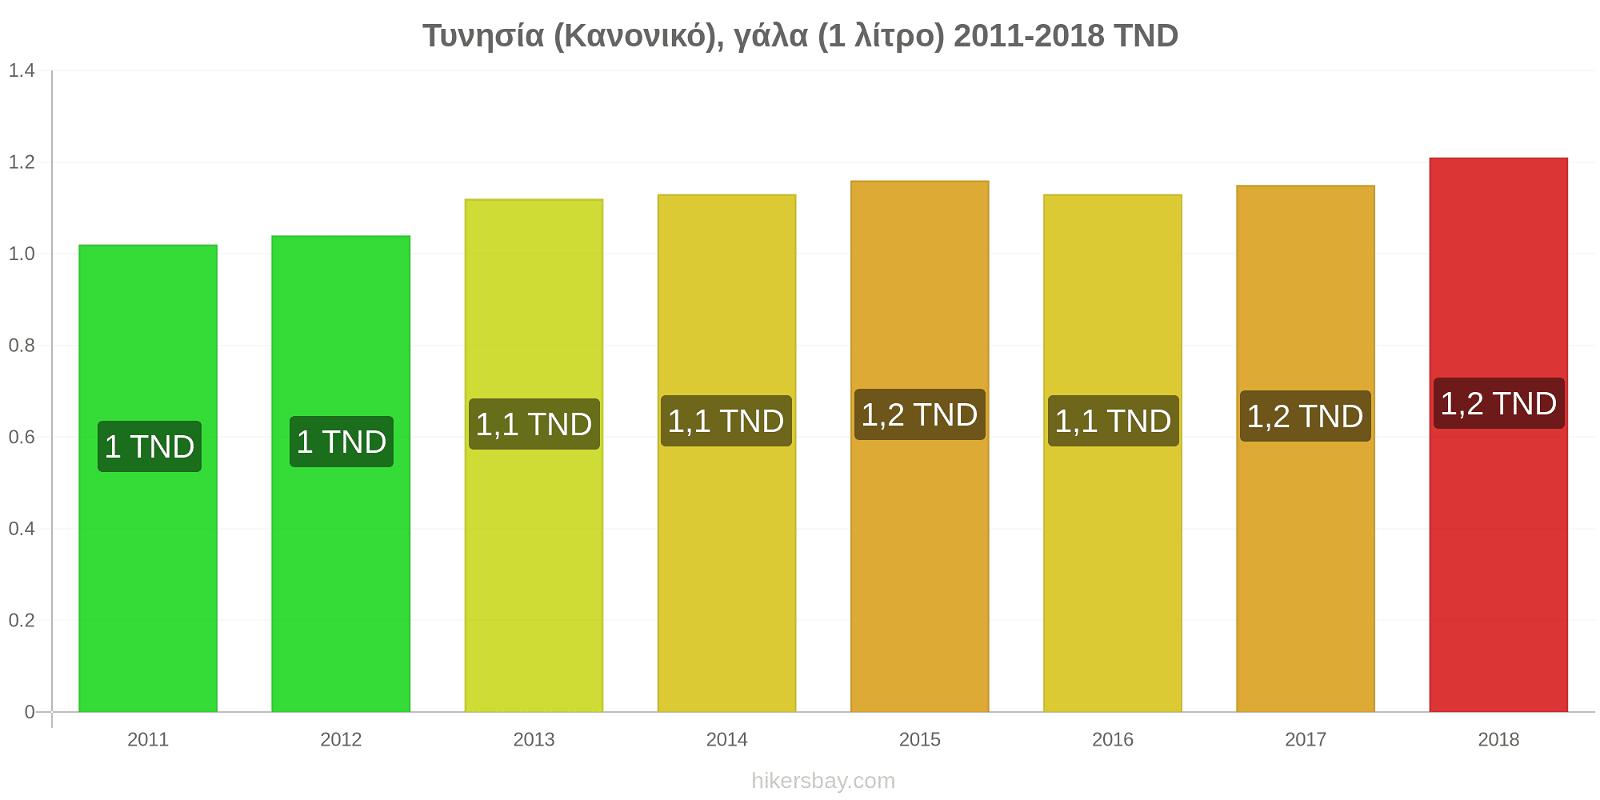 Τυνησία αλλαγές τιμών (Κανονικό), γάλα (1 λίτρο) hikersbay.com